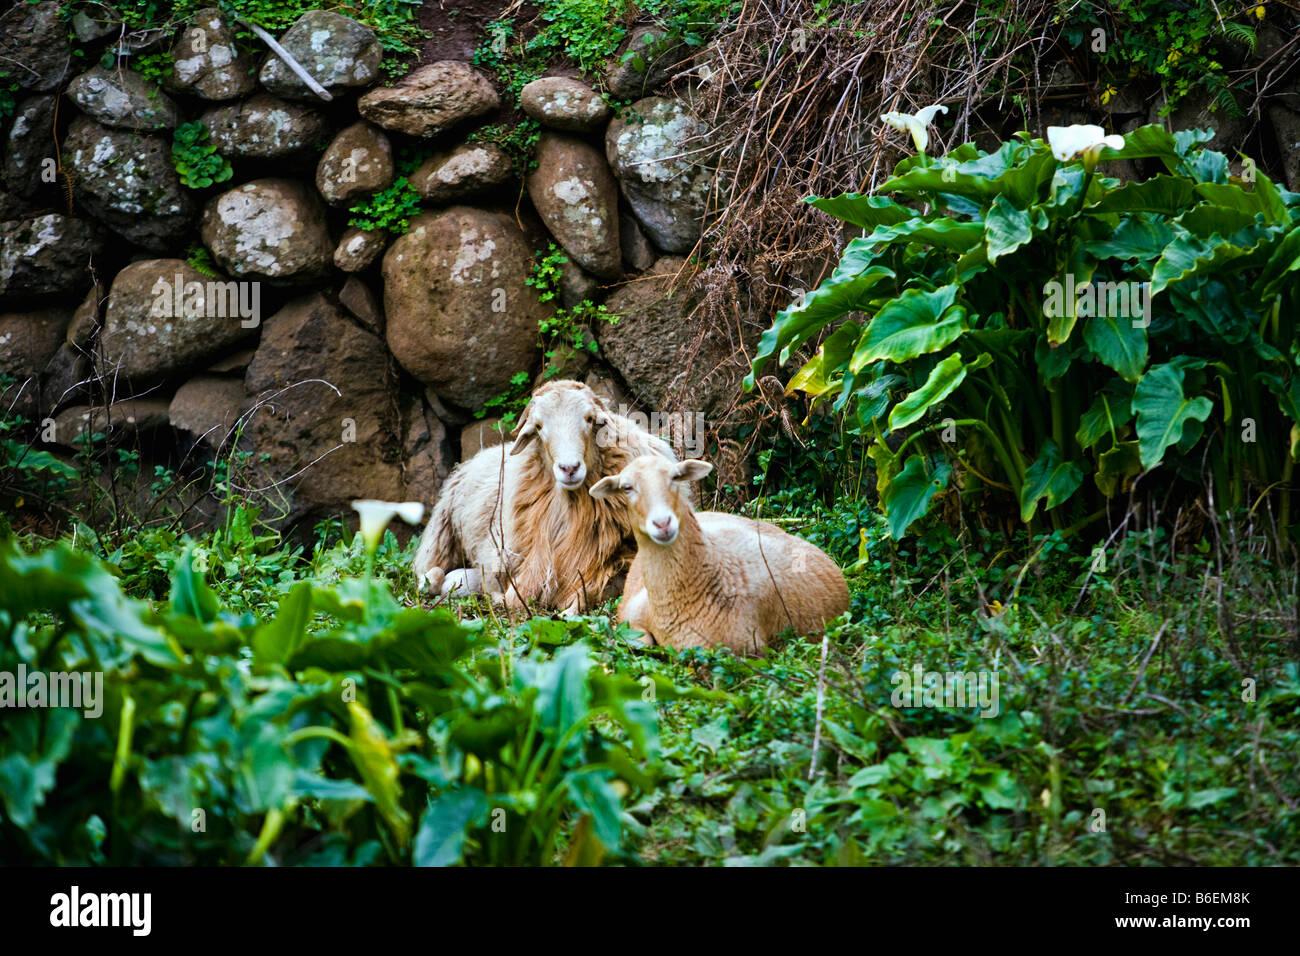 Spain. Canary Islands. La Gomera Island. El Cedro village. Sheep. - Stock Image